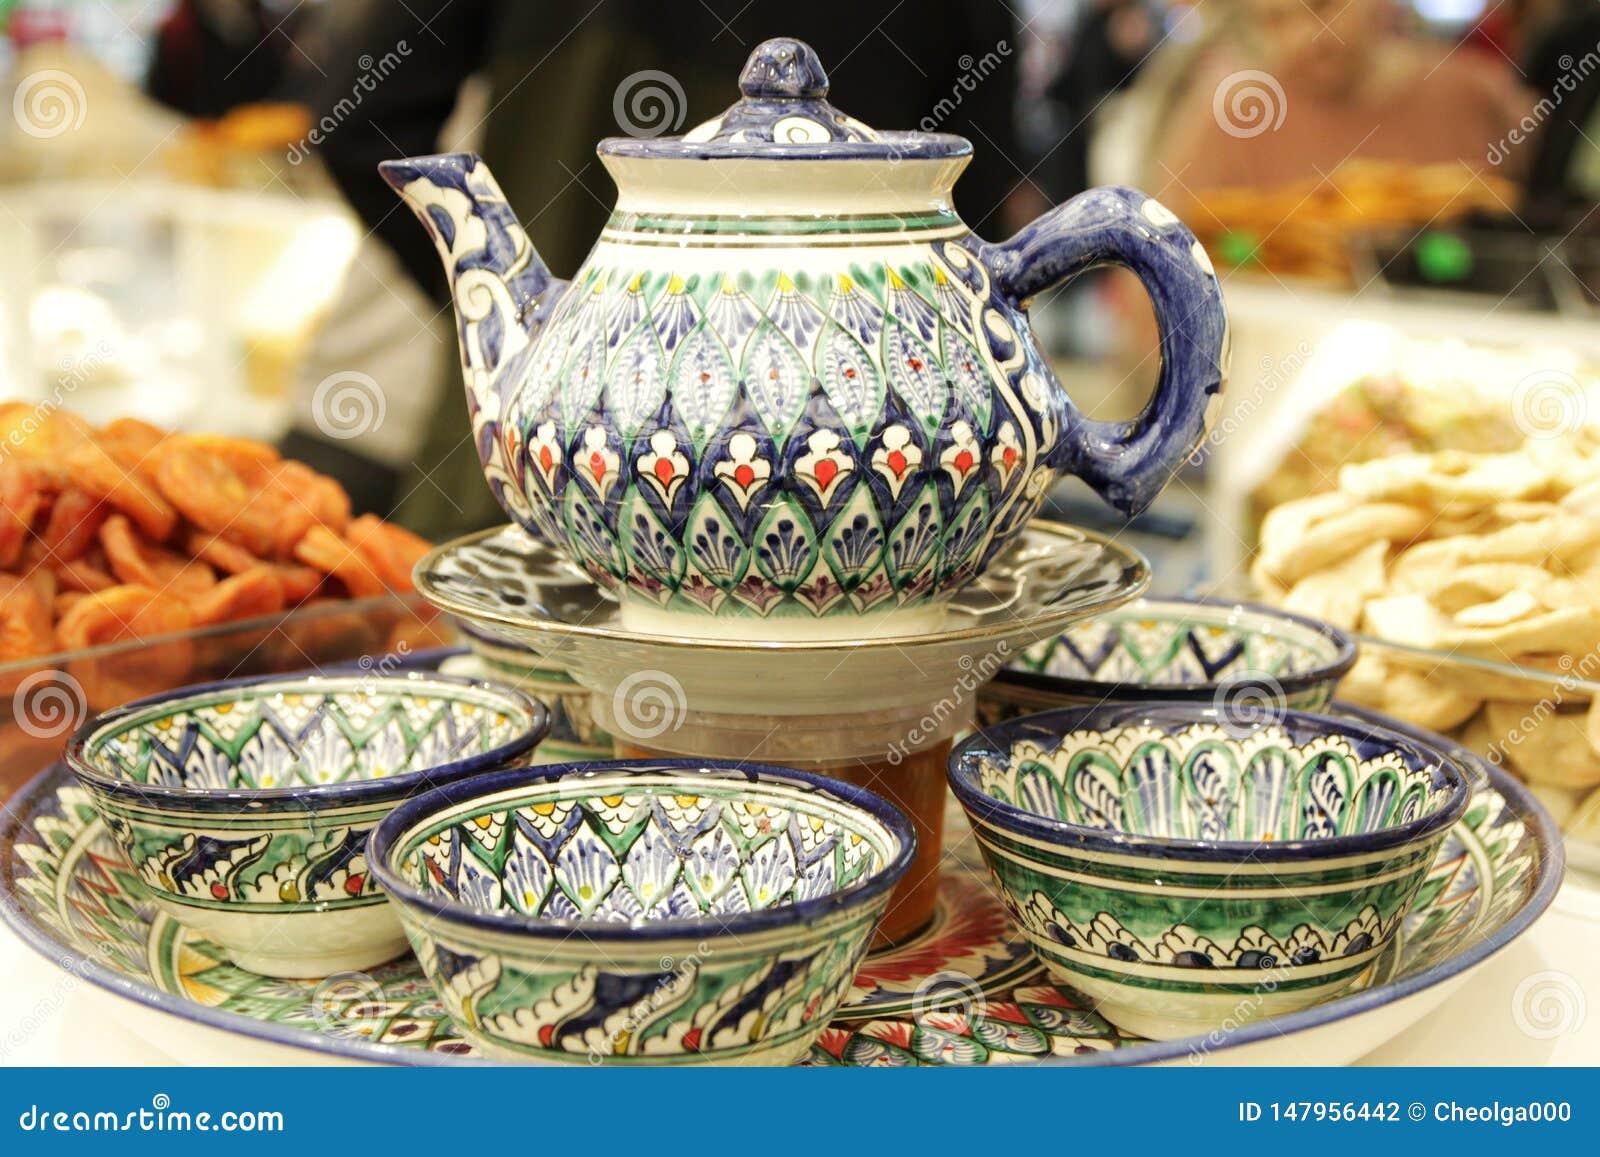 Teesatz, Teekanne, Schalen, gemalte türkische Keramik, Bonbons und Trockenfrüchte